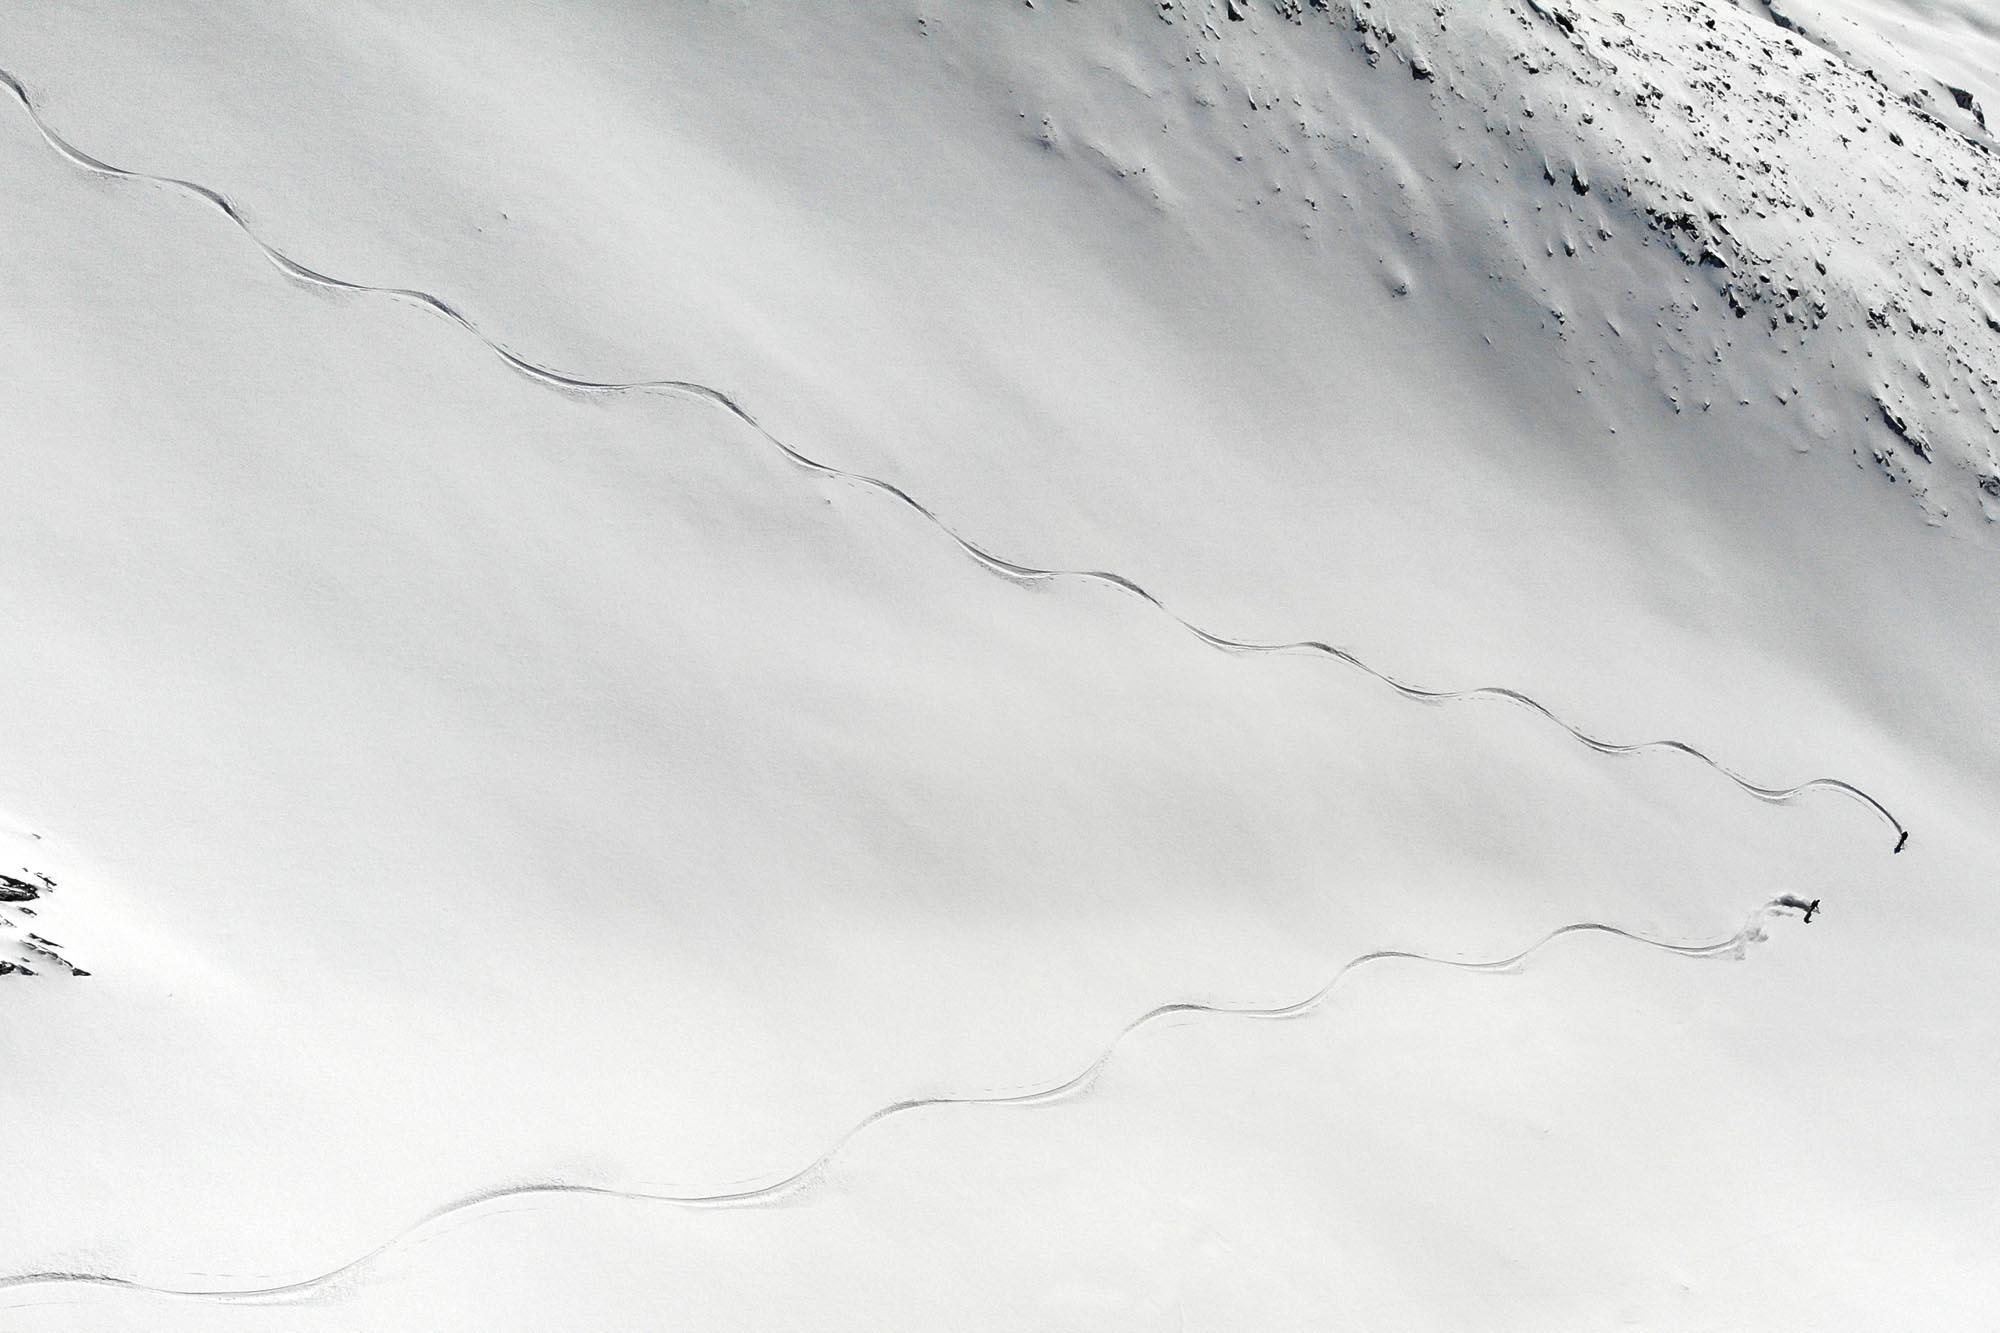 test skis randonnée 2022 en descente